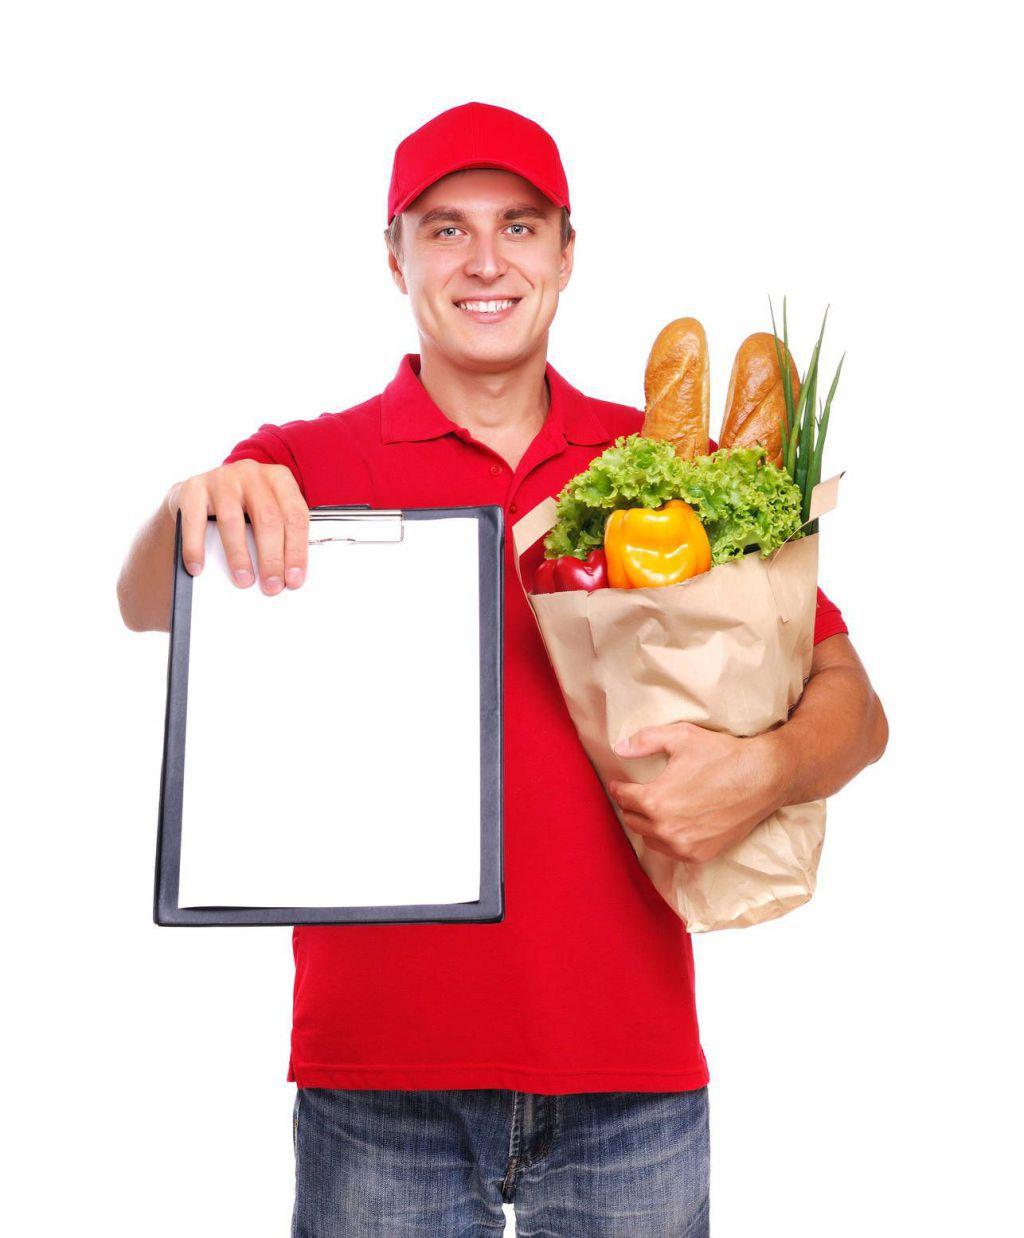 Курьер с проживанием в службу доставки еды